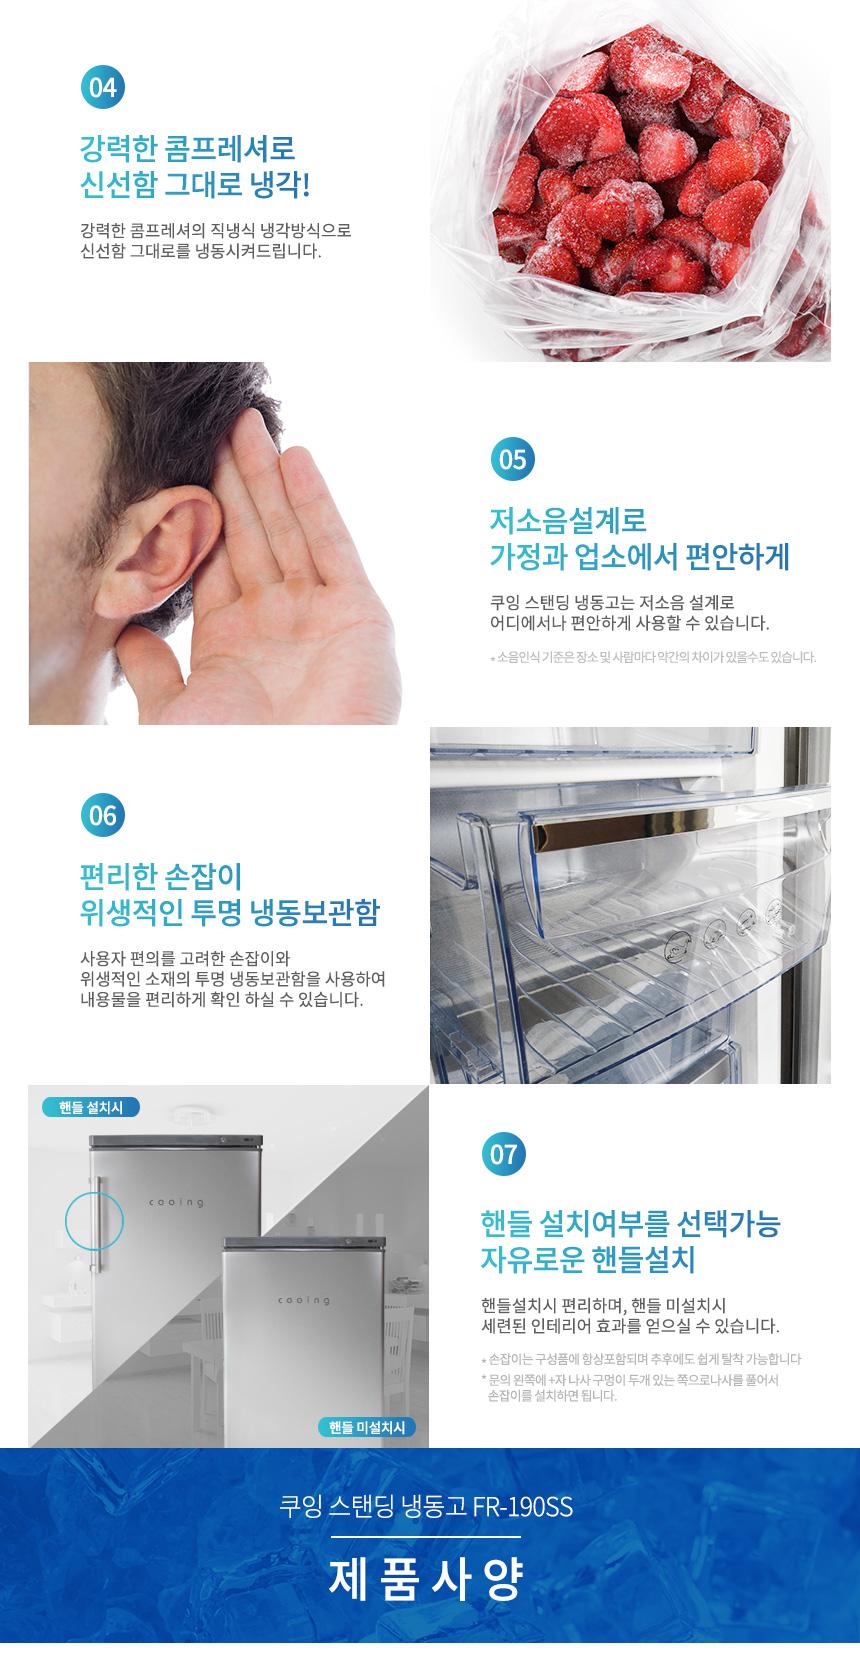 상세페이지5, 신선함, 저소음설계, 편리한 손잡이, 투명냉동보관함, 자유로운 핸들설치